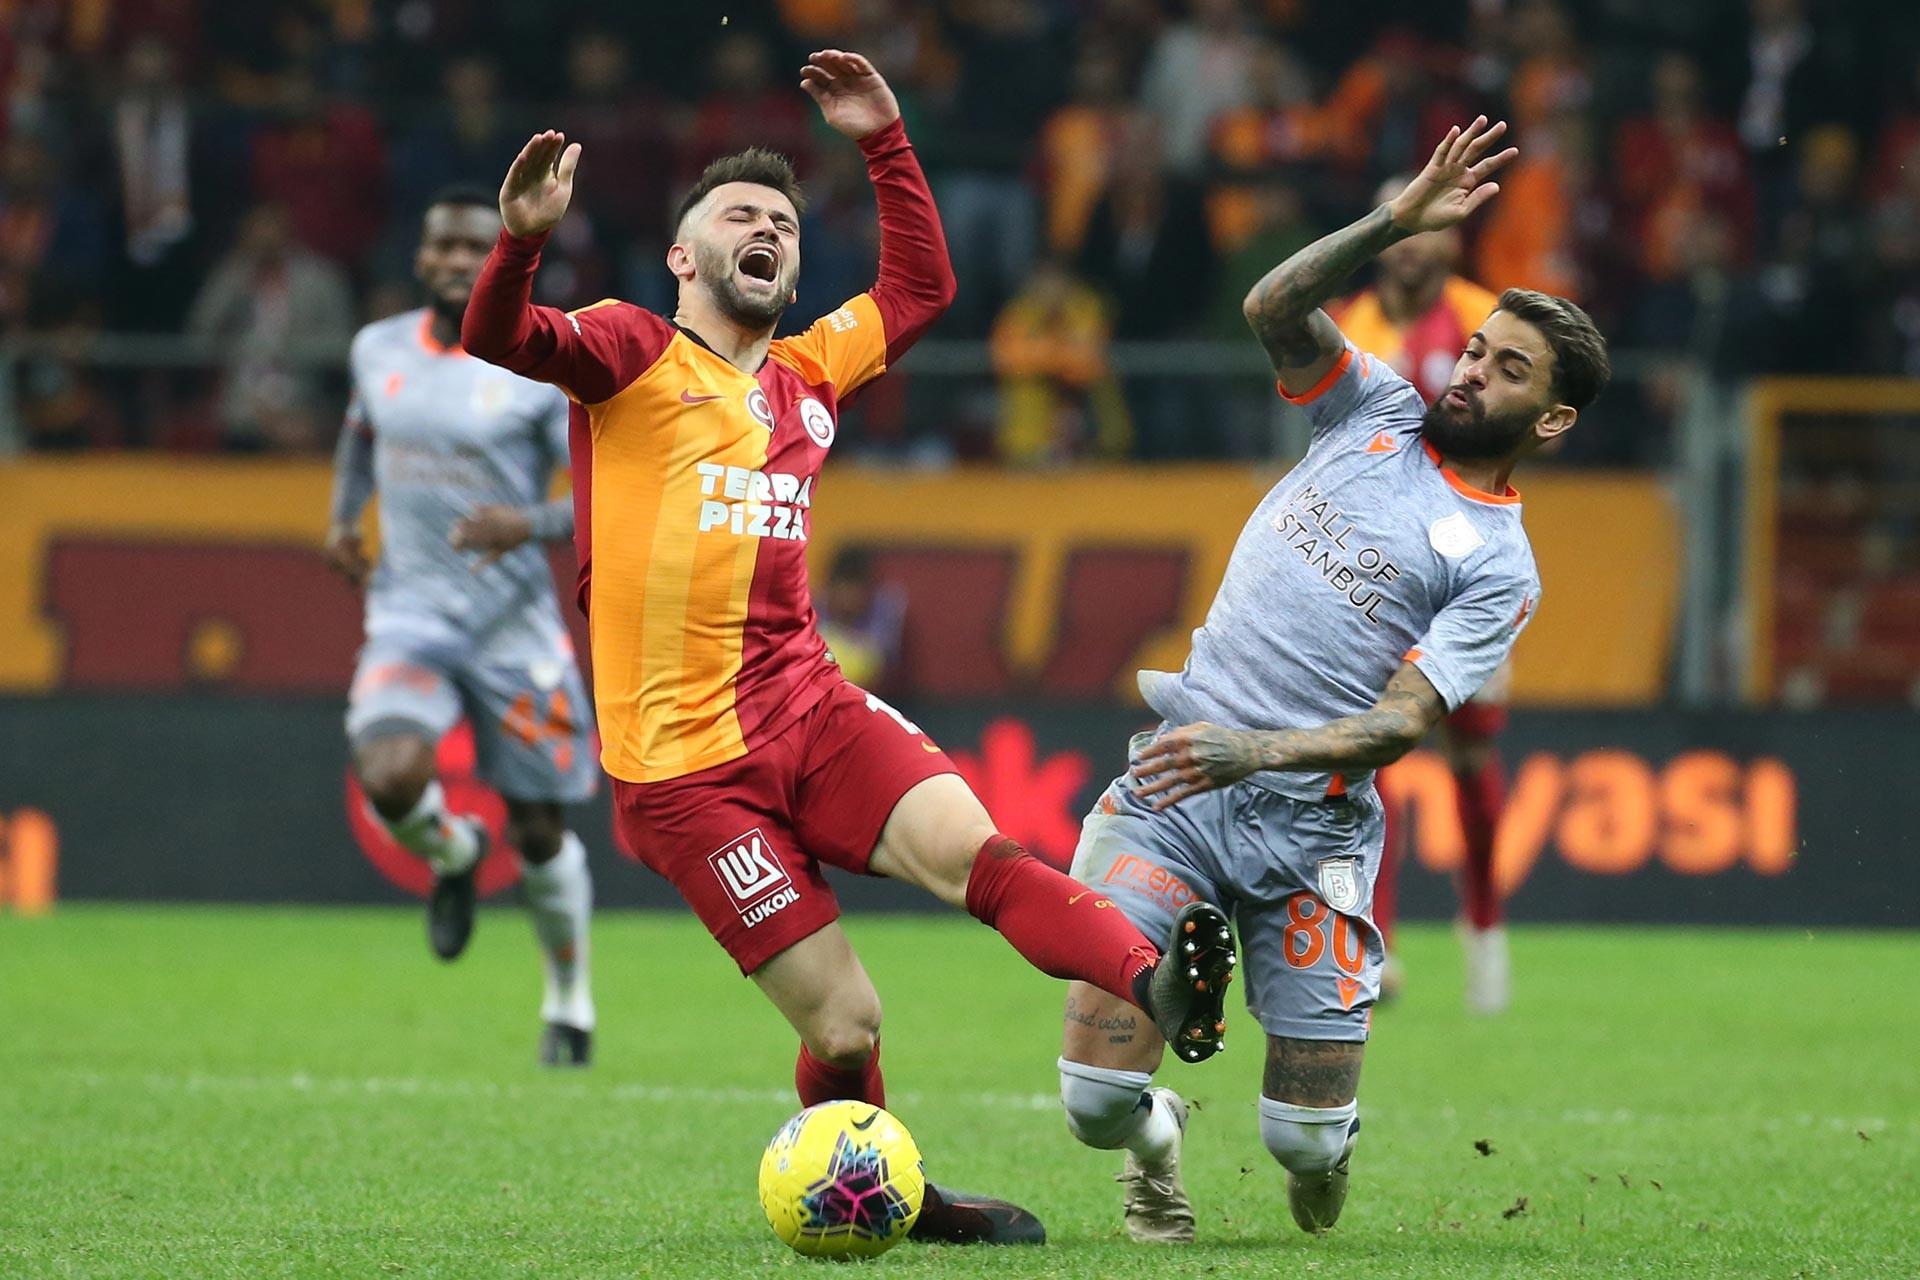 Galatasaraylı oyuncu Ömer Bayram, Başakşehir oyuncusu Uilson Junior ile maçta mücadele ederken